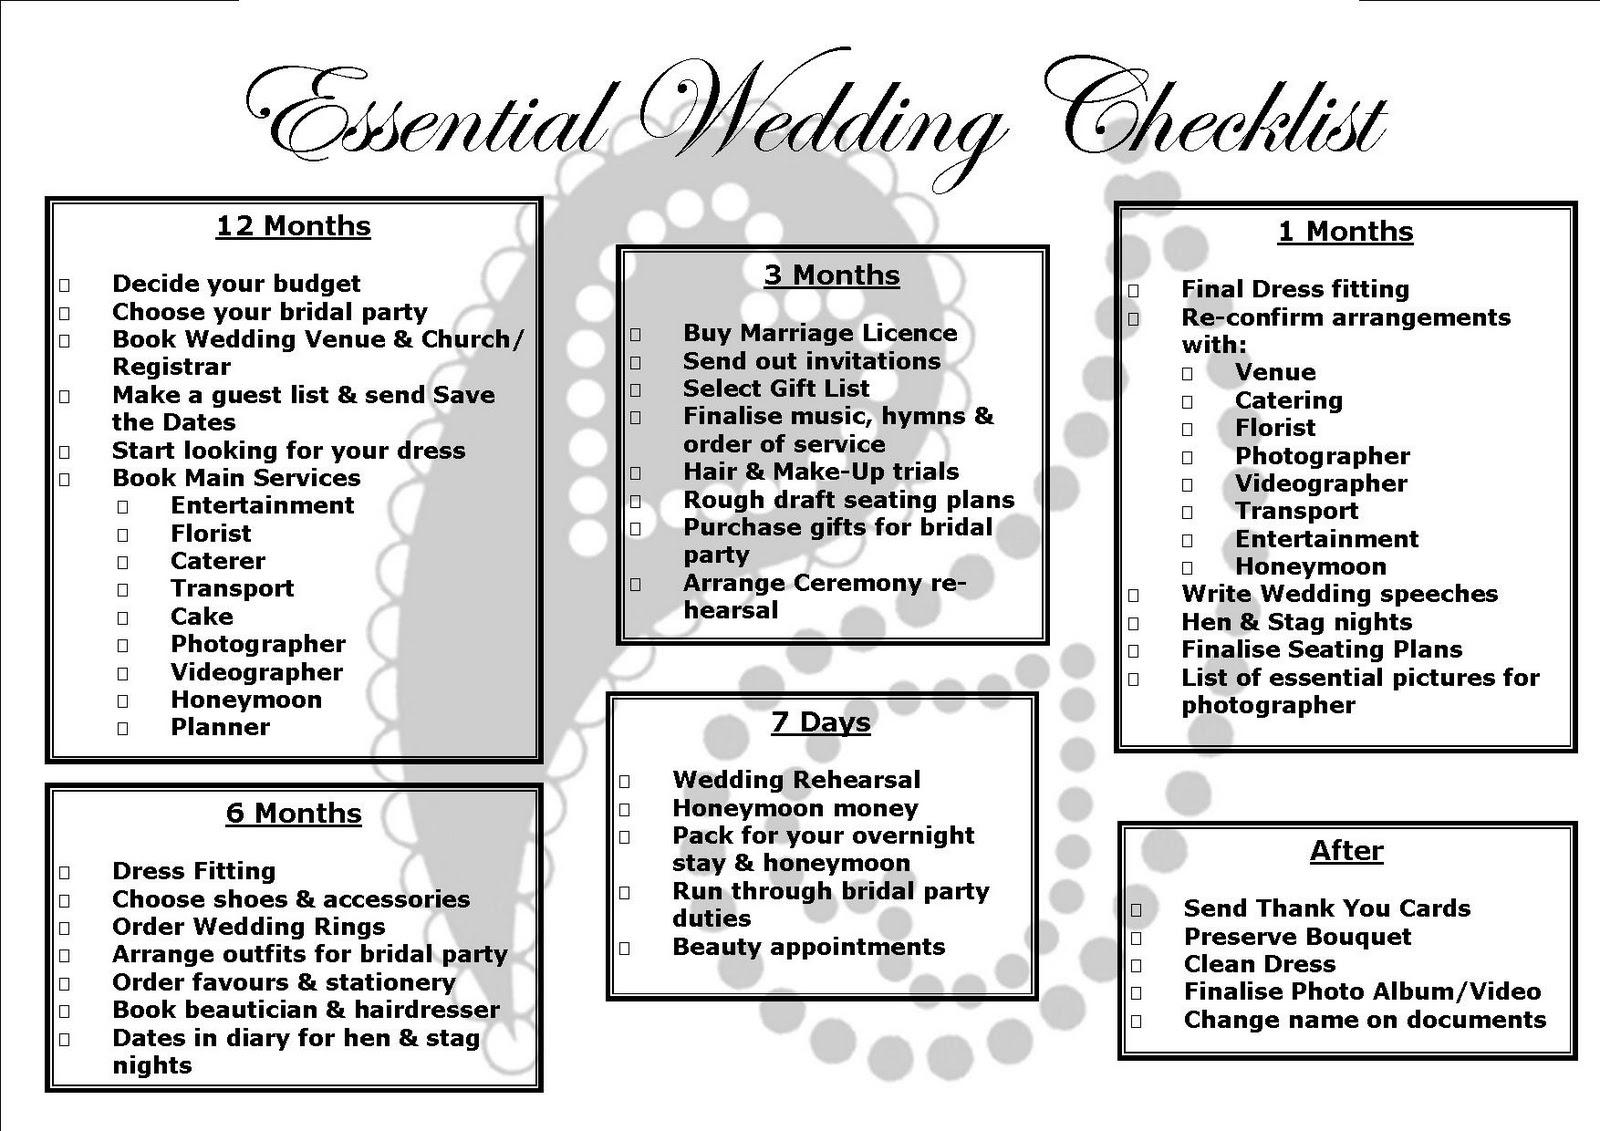 Renfrewshire Wedding Directory Essential Wedding Checklist